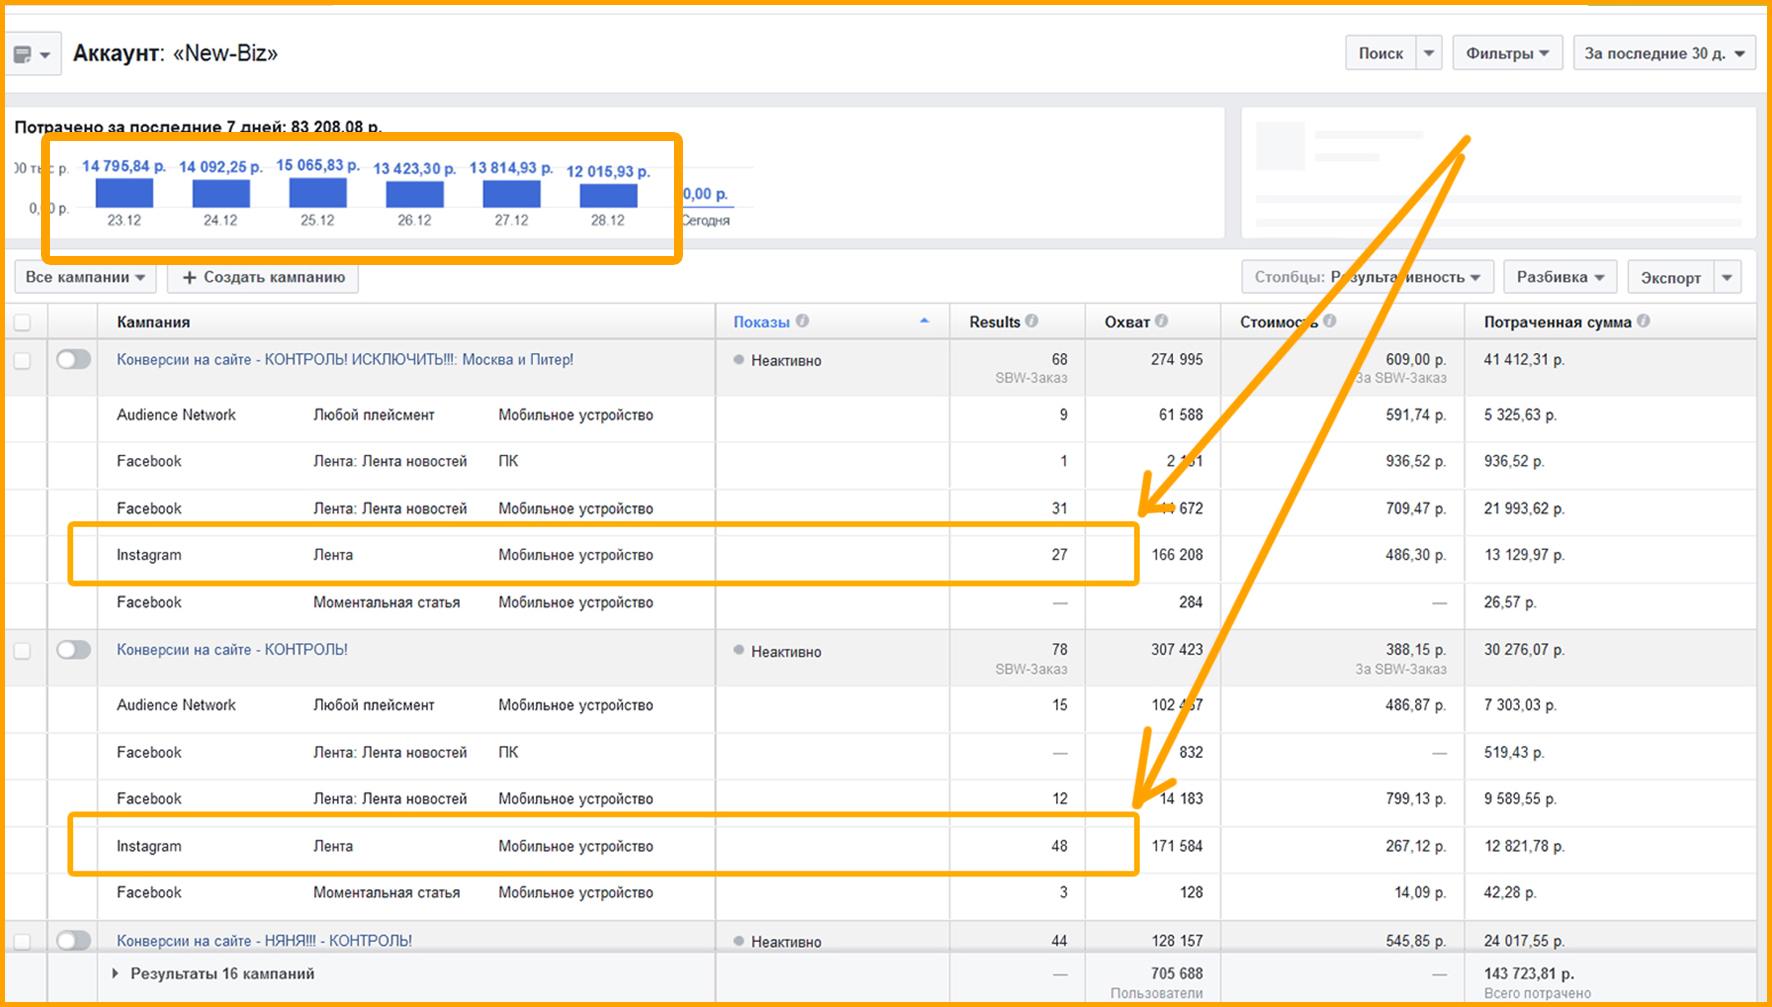 Правильно сформированный отчет для пользователей, чтобы доказать возможность получения продаж в Инстаграм, в рамках этого кейса.